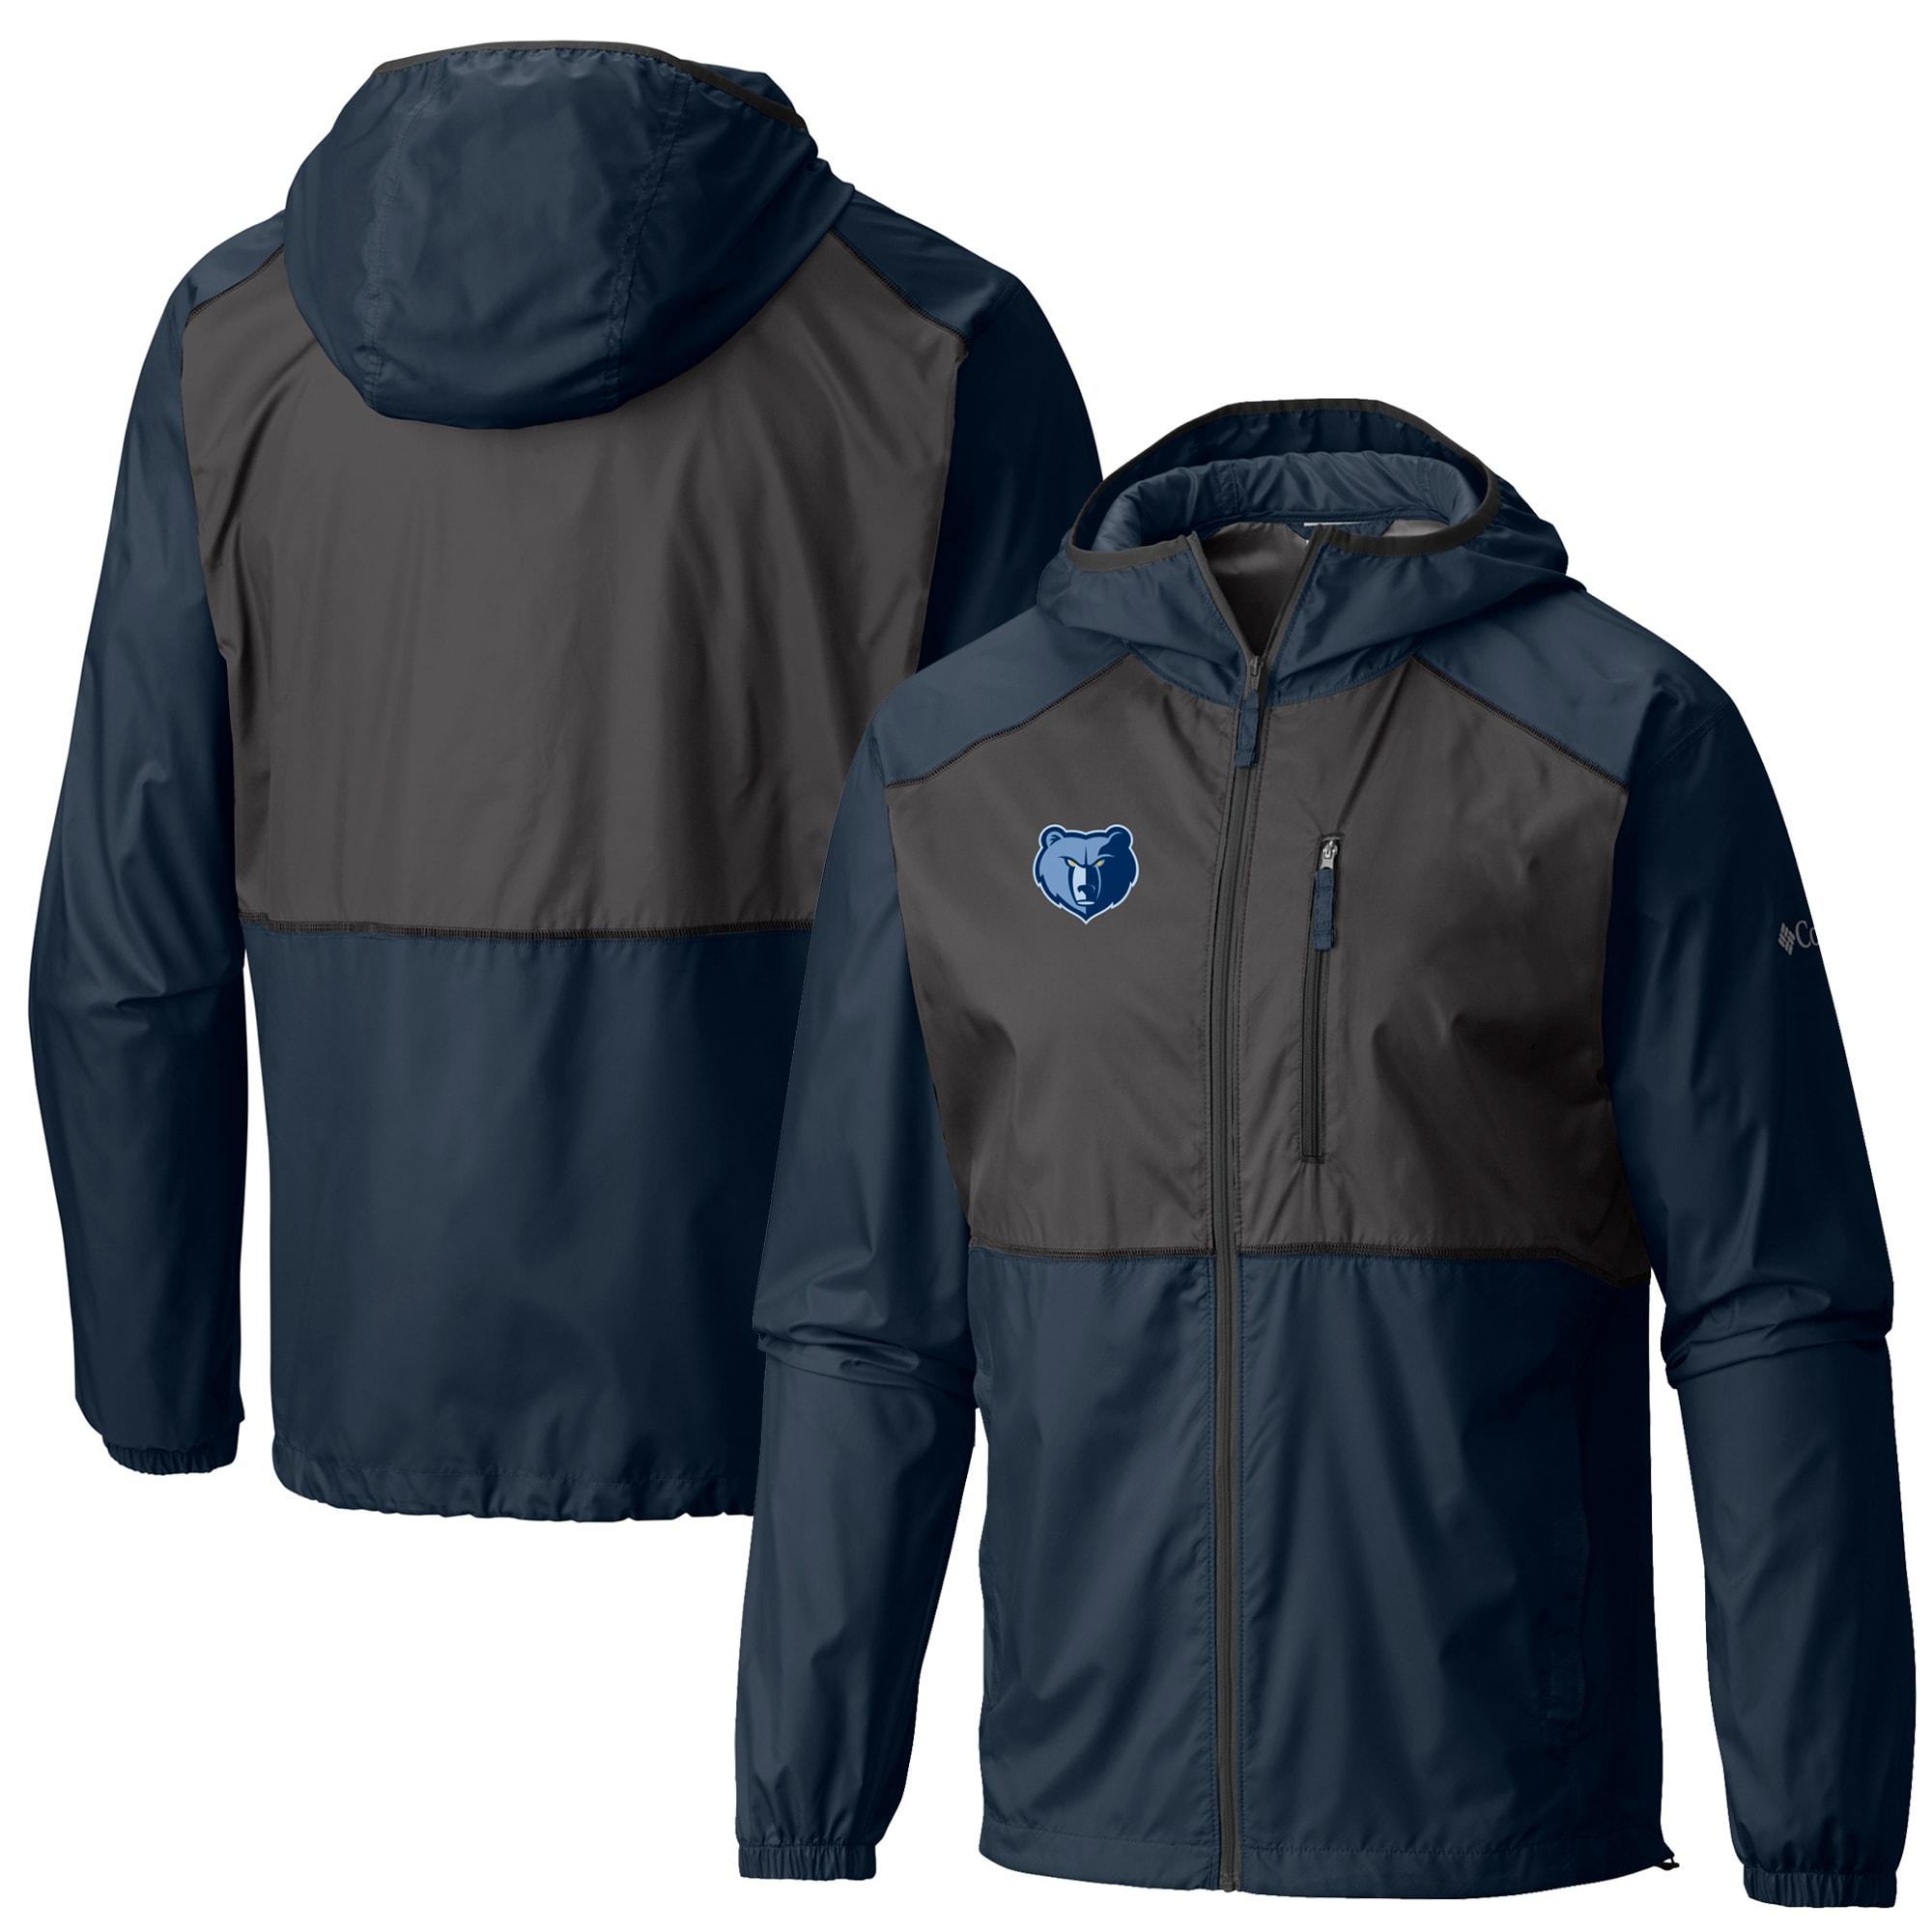 Memphis Grizzlies Columbia Flash Forward Full-Zip Windbreaker Jacket - Navy